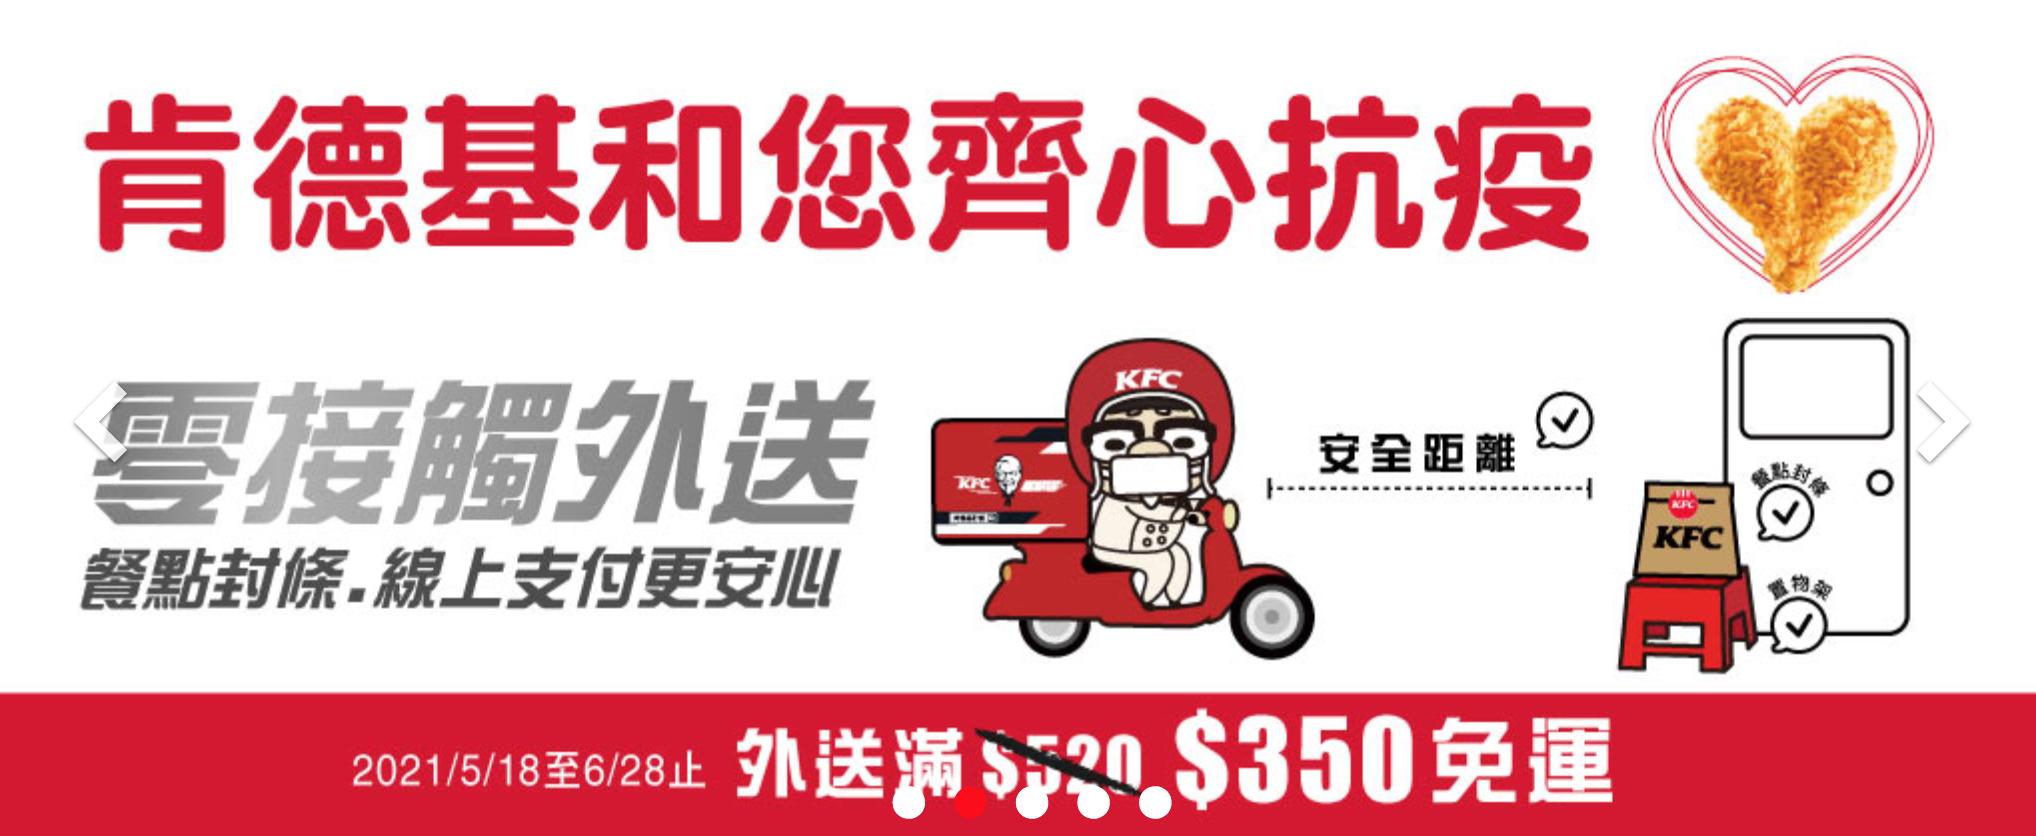 台北外帶美食 優惠餐廳總整理 防疫期間外帶優惠總整理! 連鎖品牌外帶優惠懶人包 21